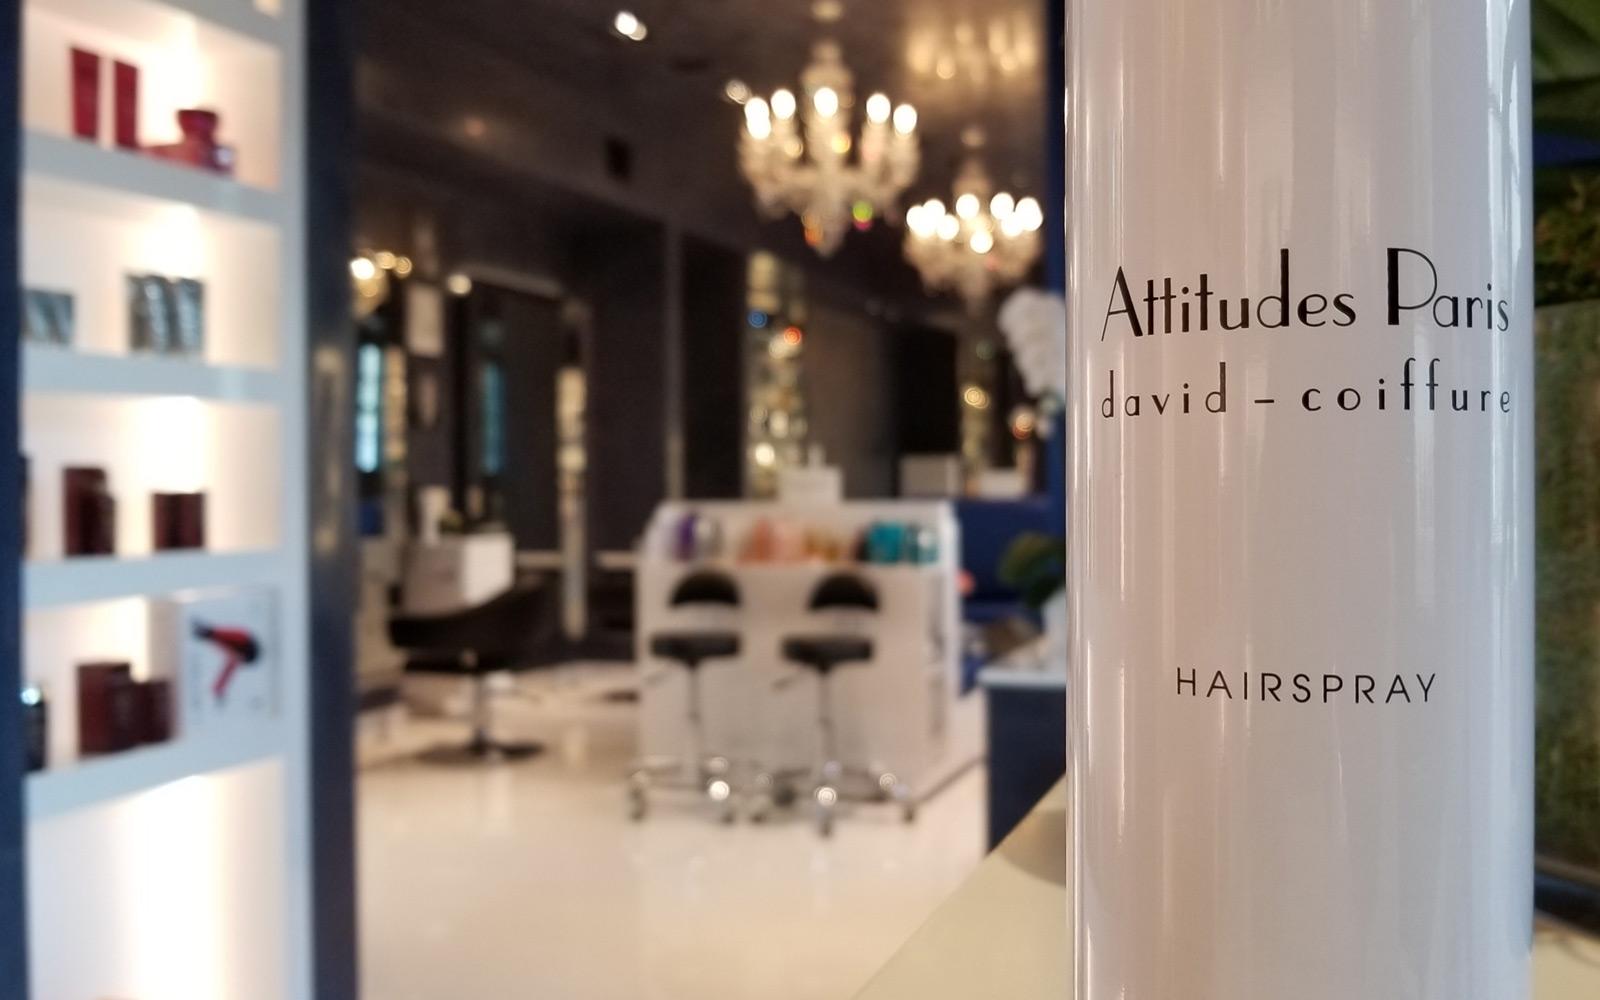 Attitudes Paris Coiffure – Houston Hair Salon – Now open on Potamac ...